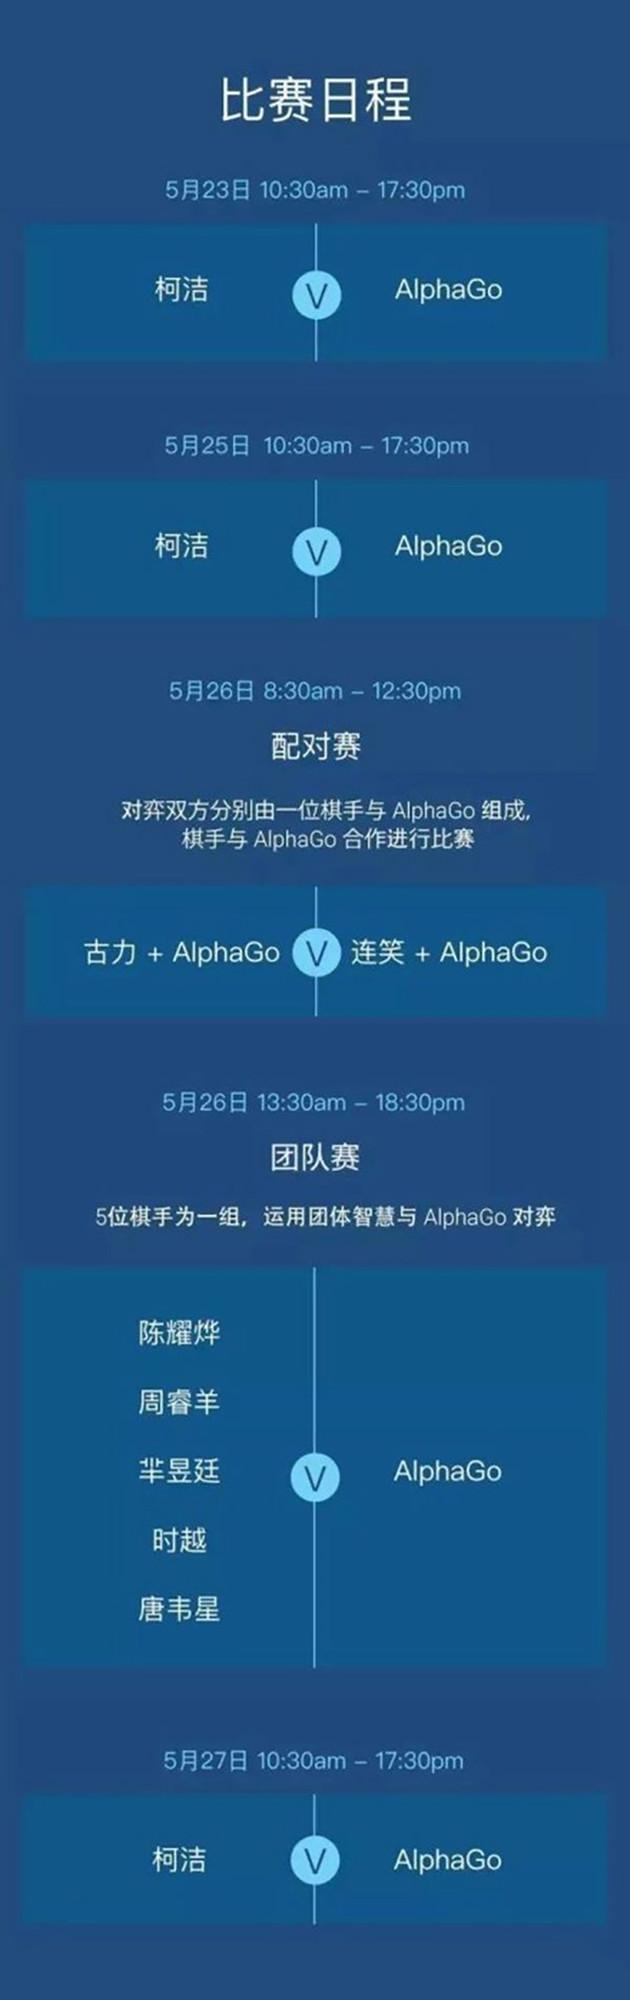 柯洁对战AlphaGo:赢获1000万输也有200万